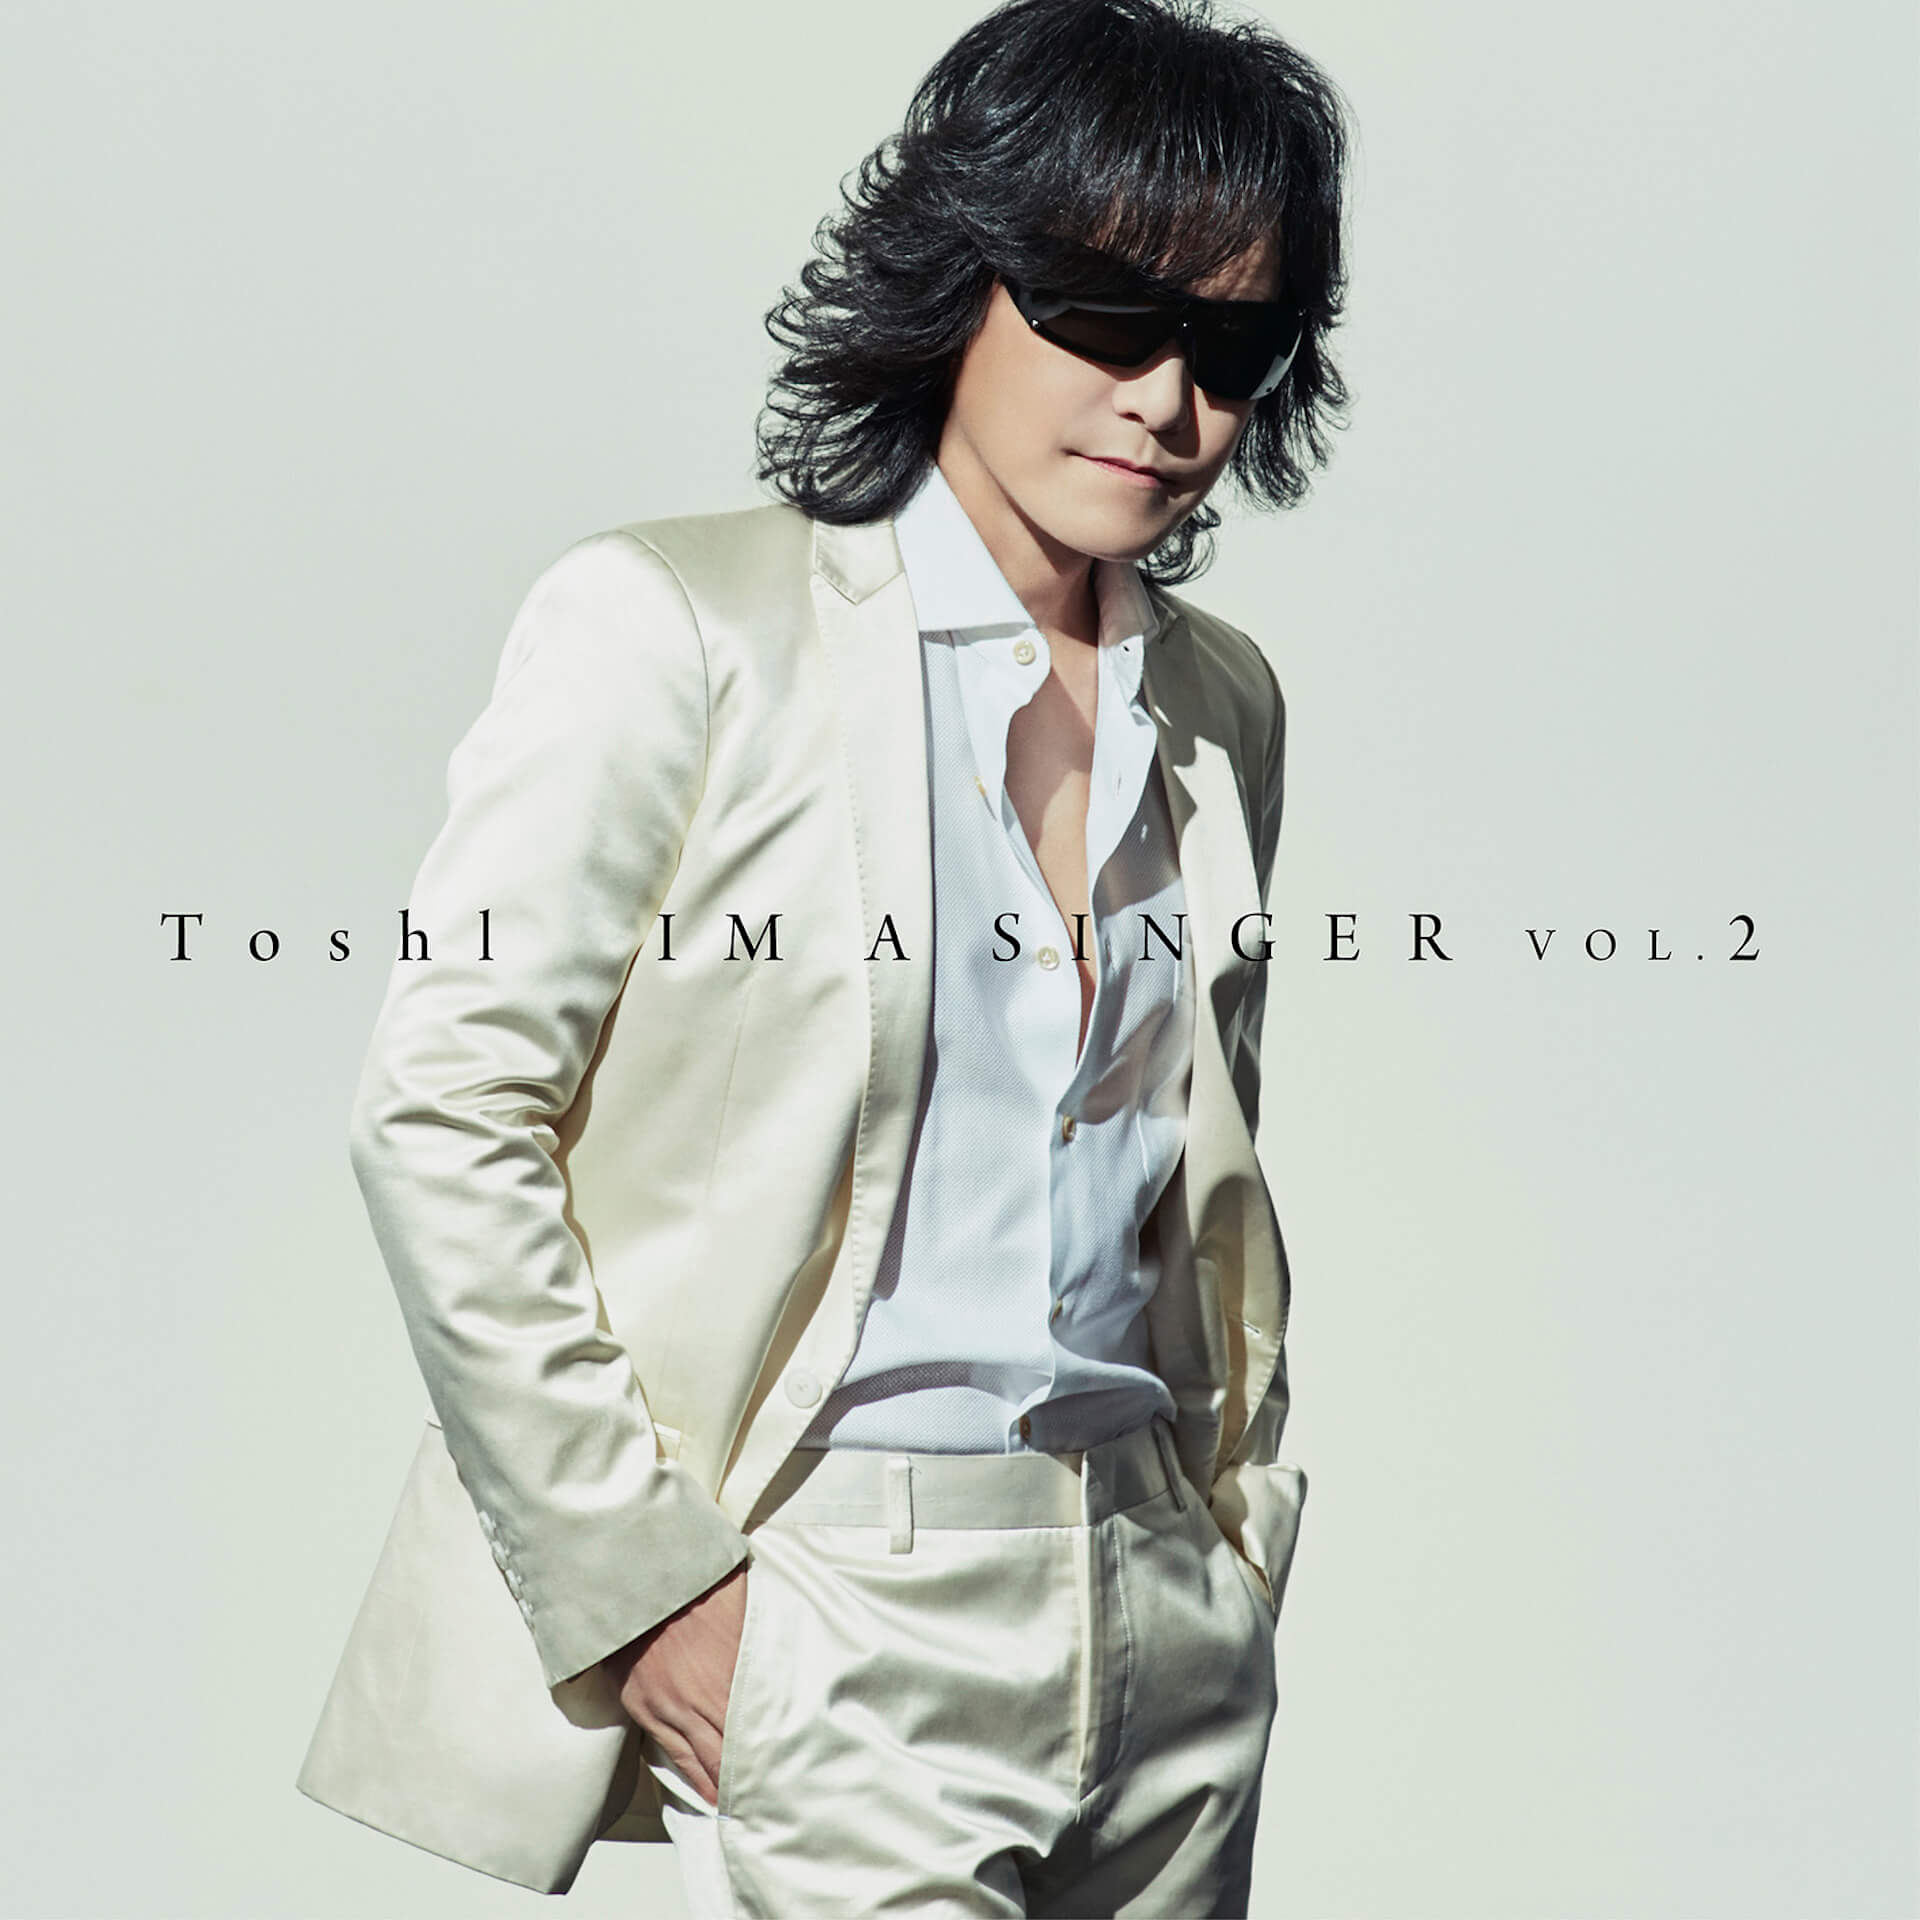 X JAPAN・Toshl、大ヒットカバーアルバム第2弾『IM A SINGER VOL.2』リリース決定! music191009_toshi_1